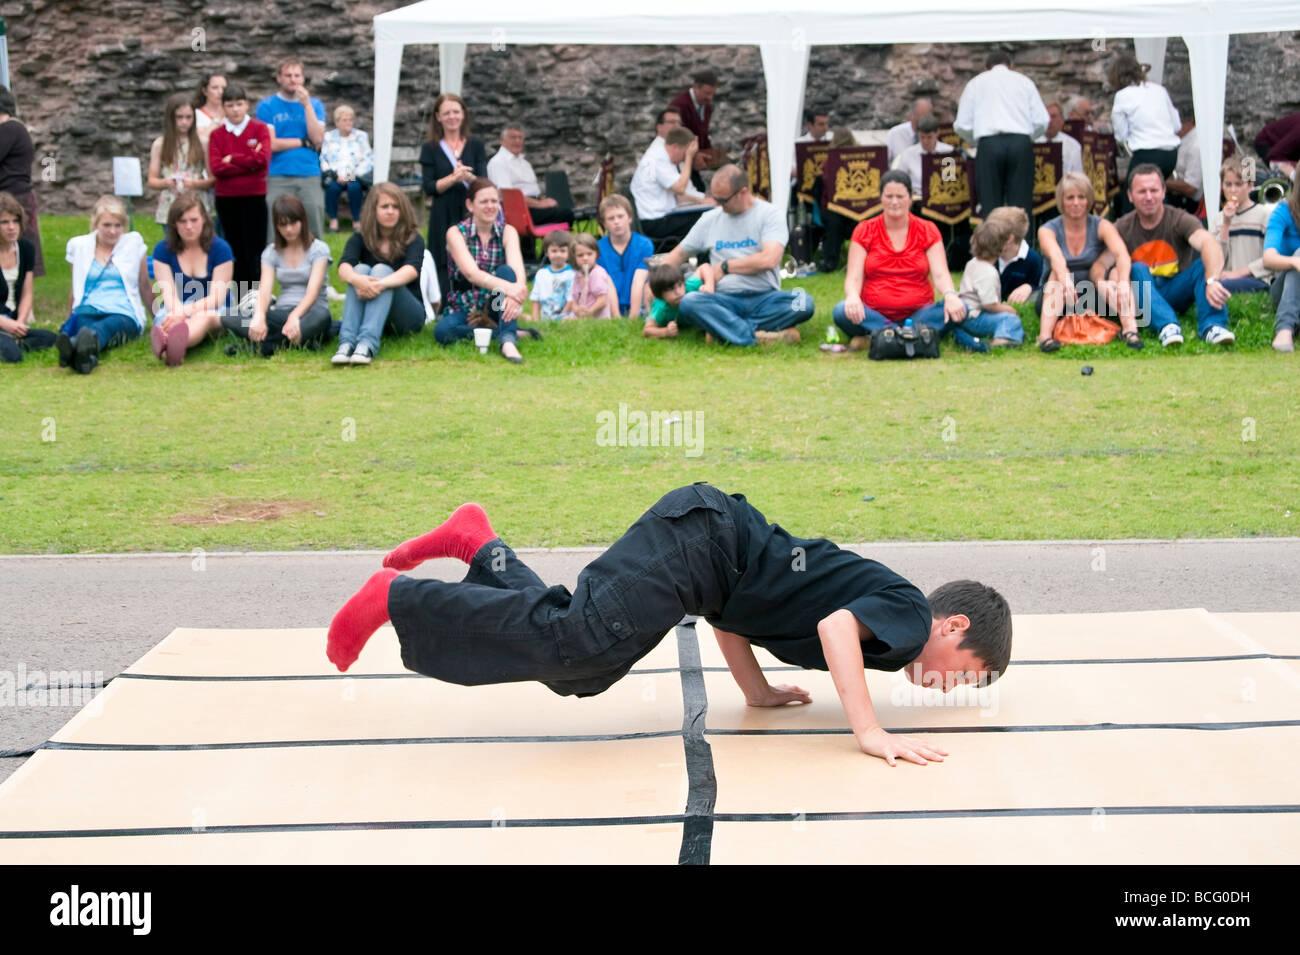 Salto Chico bailando en Skenfrith día de diversión. Bailarina callejera entretener a las multitudes. Diversión Imagen De Stock